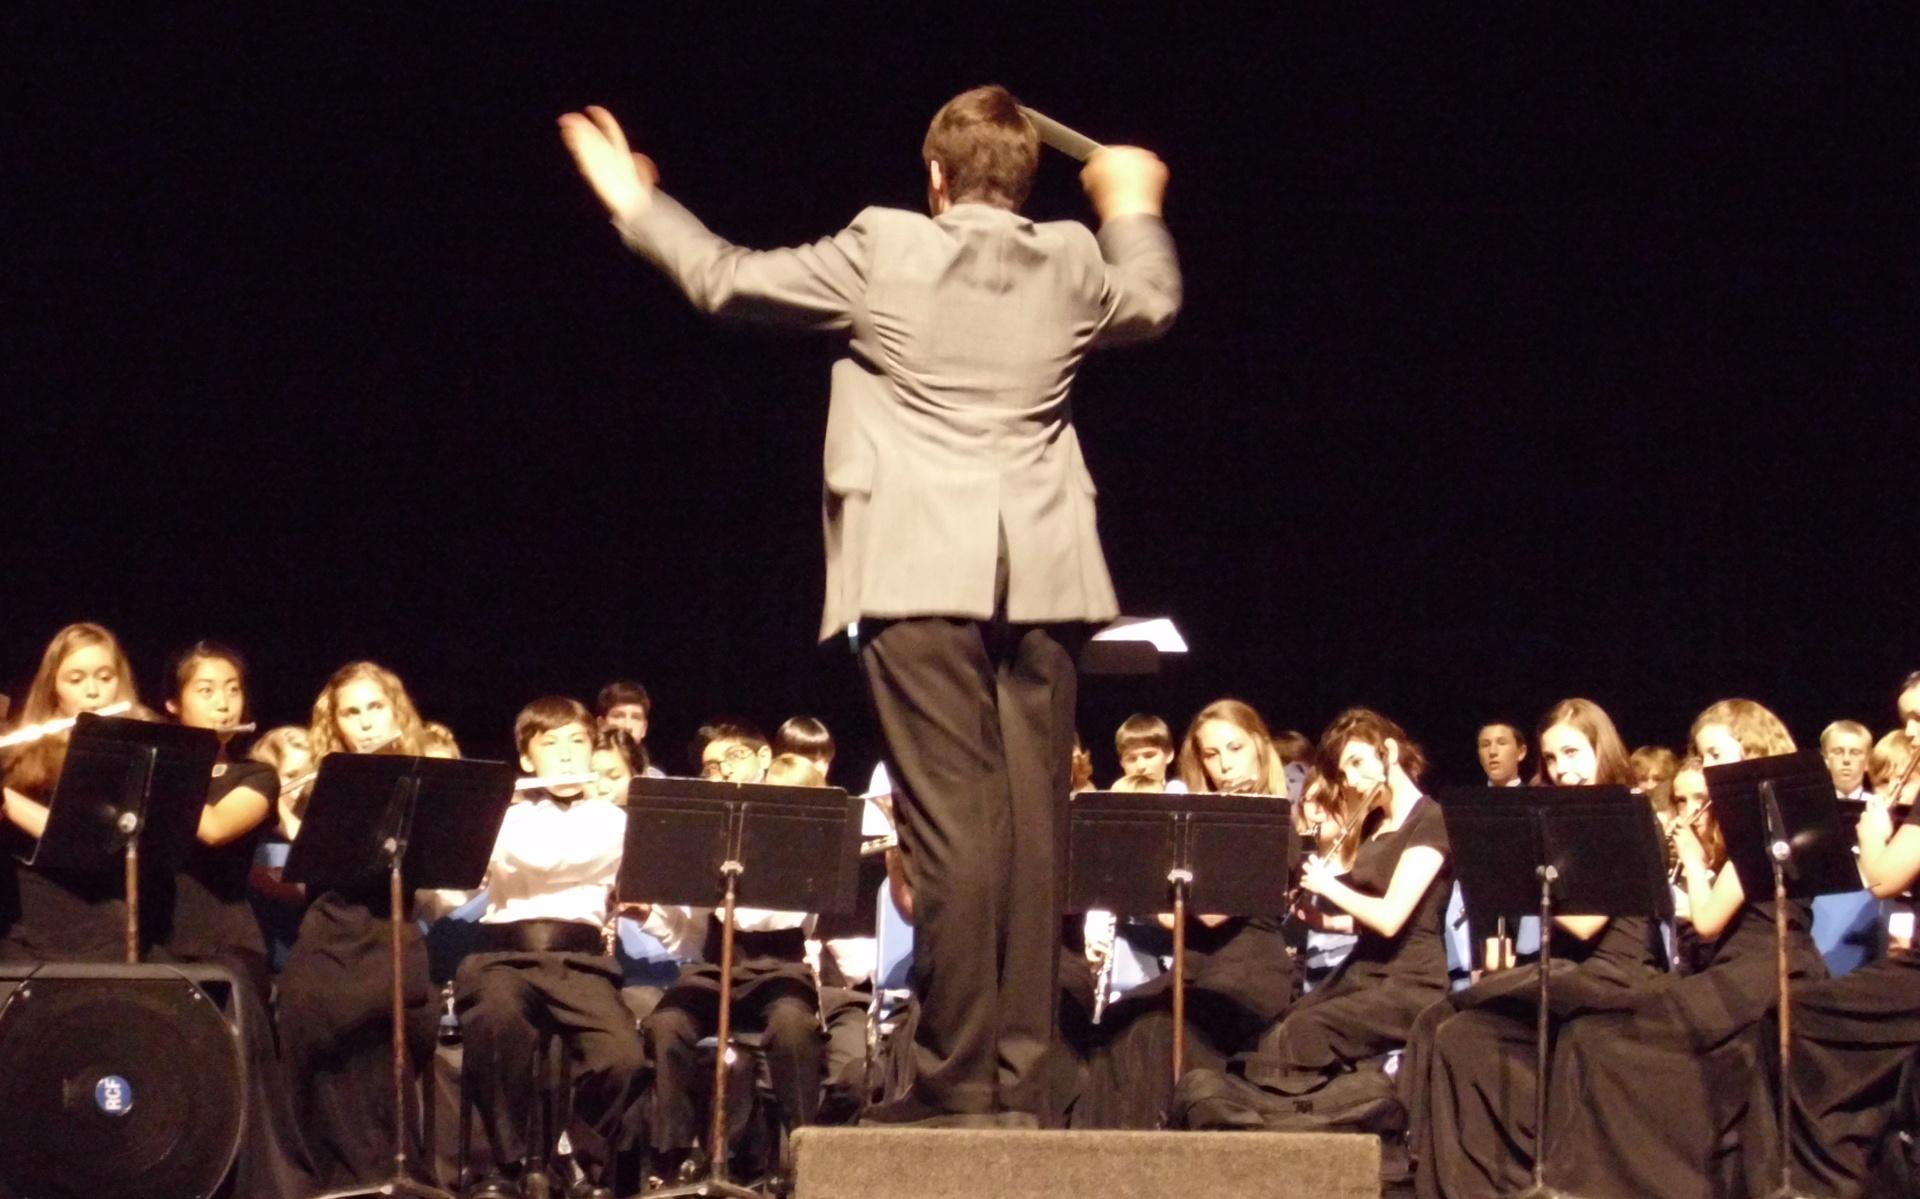 Grant, age 14, conducting the Hampton Cove Middle School Band (Hampton Cove, AL) – 2009